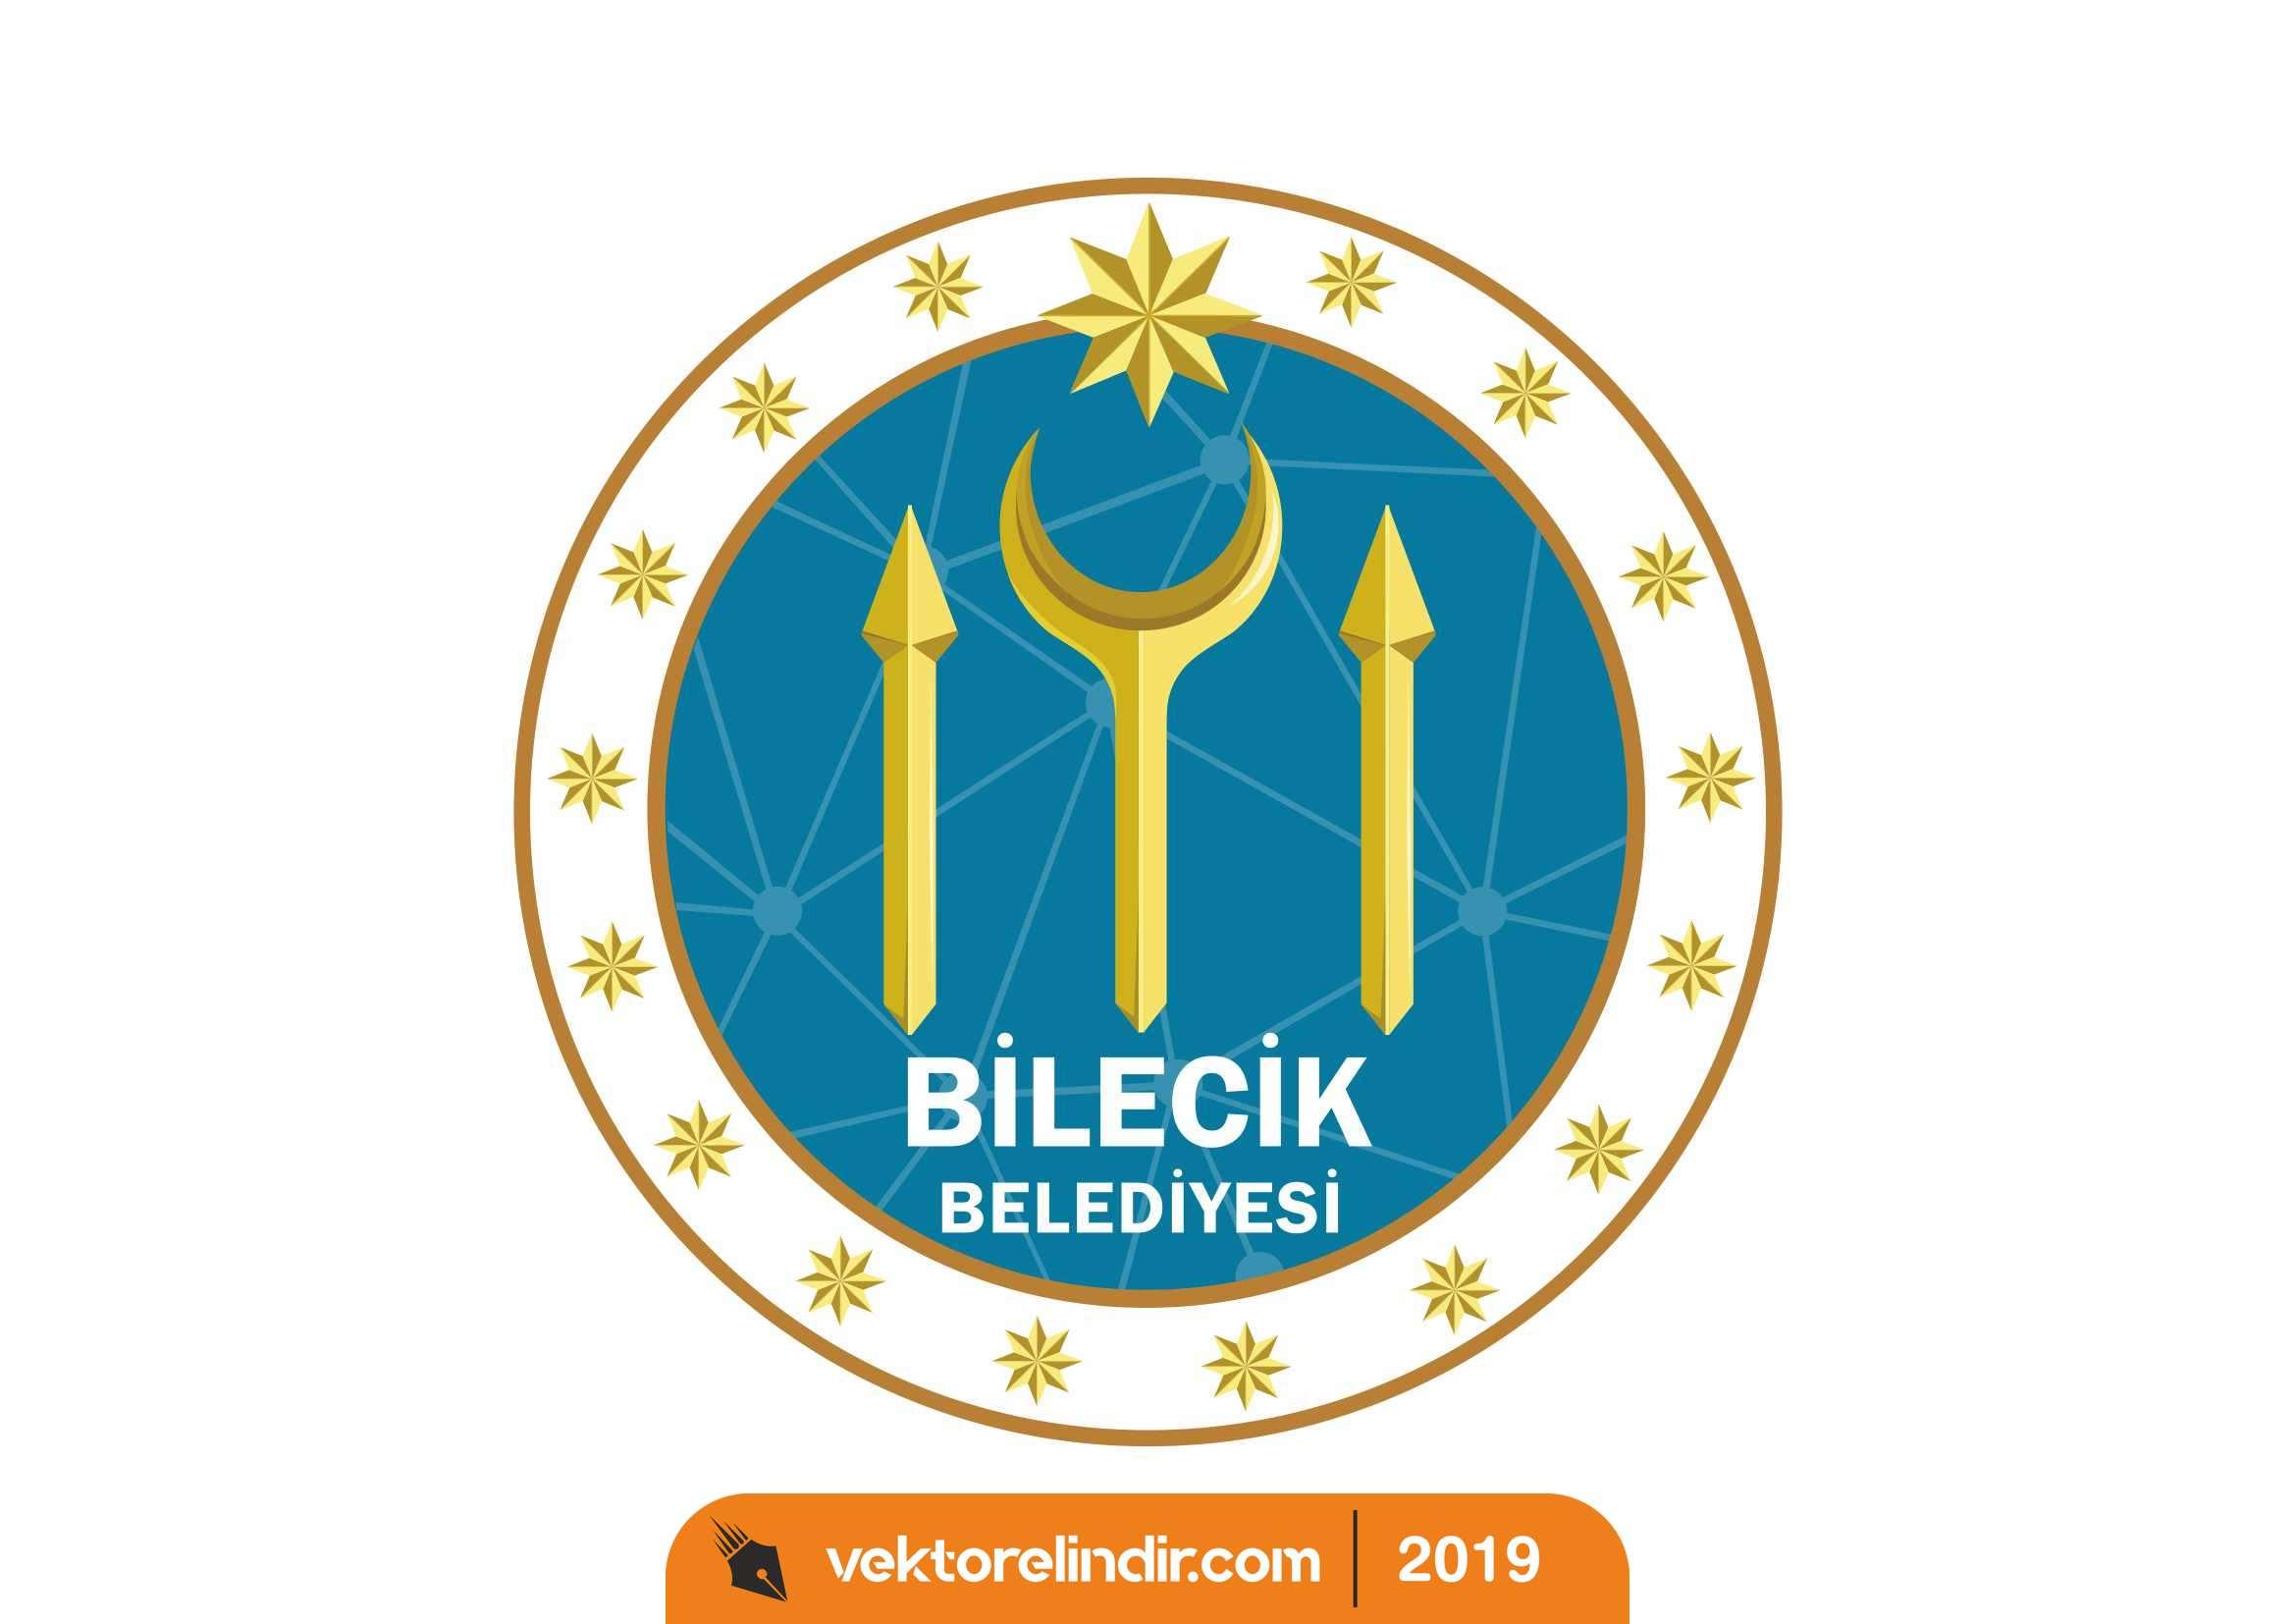 Bilecik Belediyesi Yeni Logo, Amblem